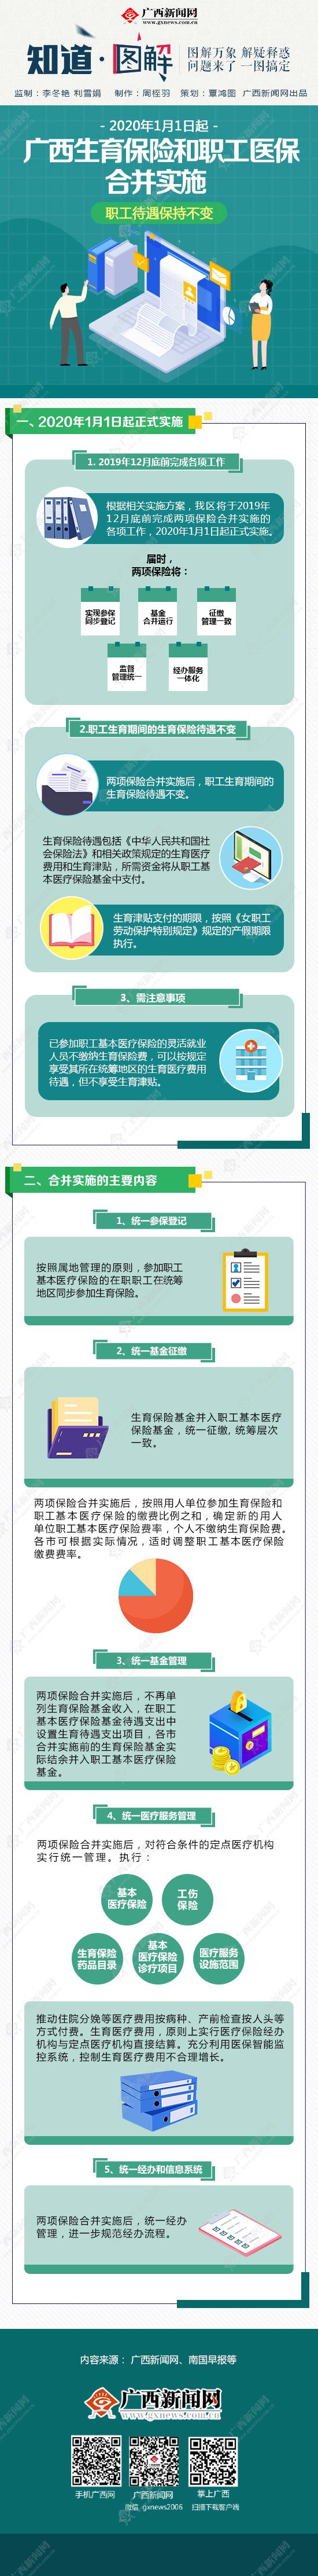 【知道·图解】广西生育保险和职工医保合并实施